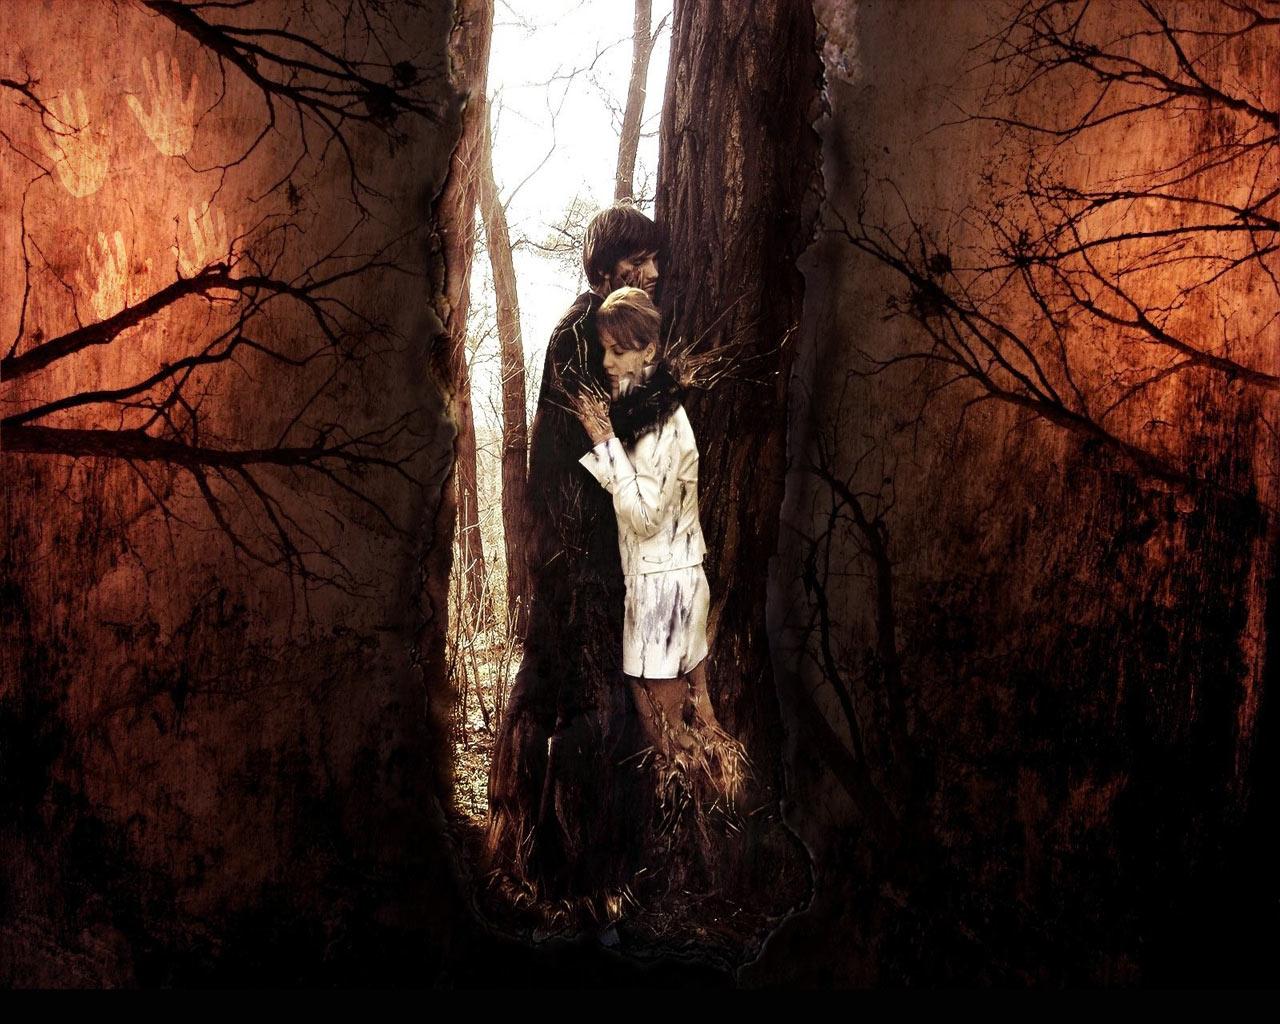 http://1.bp.blogspot.com/-upgF0NXZdW4/TkotsfNhzzI/AAAAAAAAAJ0/vJRqmgCI5qU/s1600/Romantic+Wallpaper.jpg